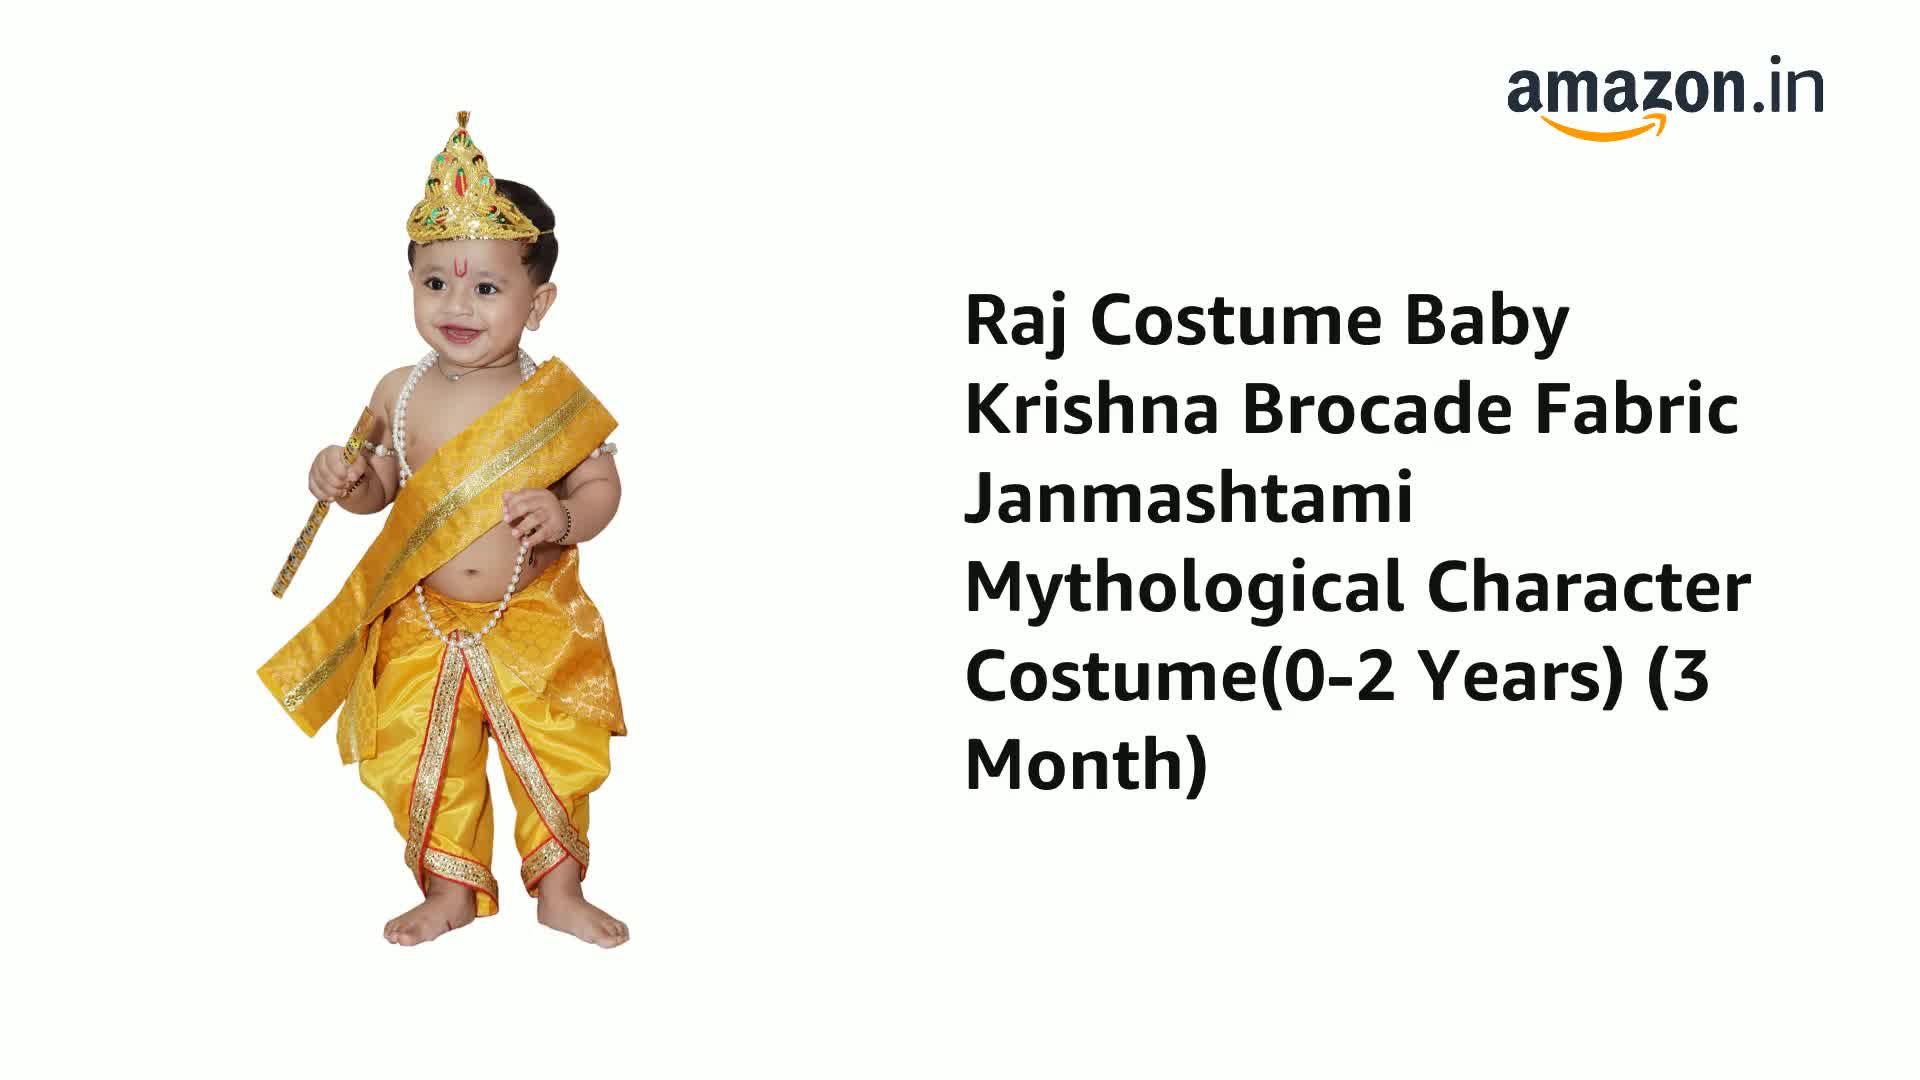 Raj Fancy Dresses Baby Krishna Brocade Fabric Janmashtami Mythological Character Costume 2